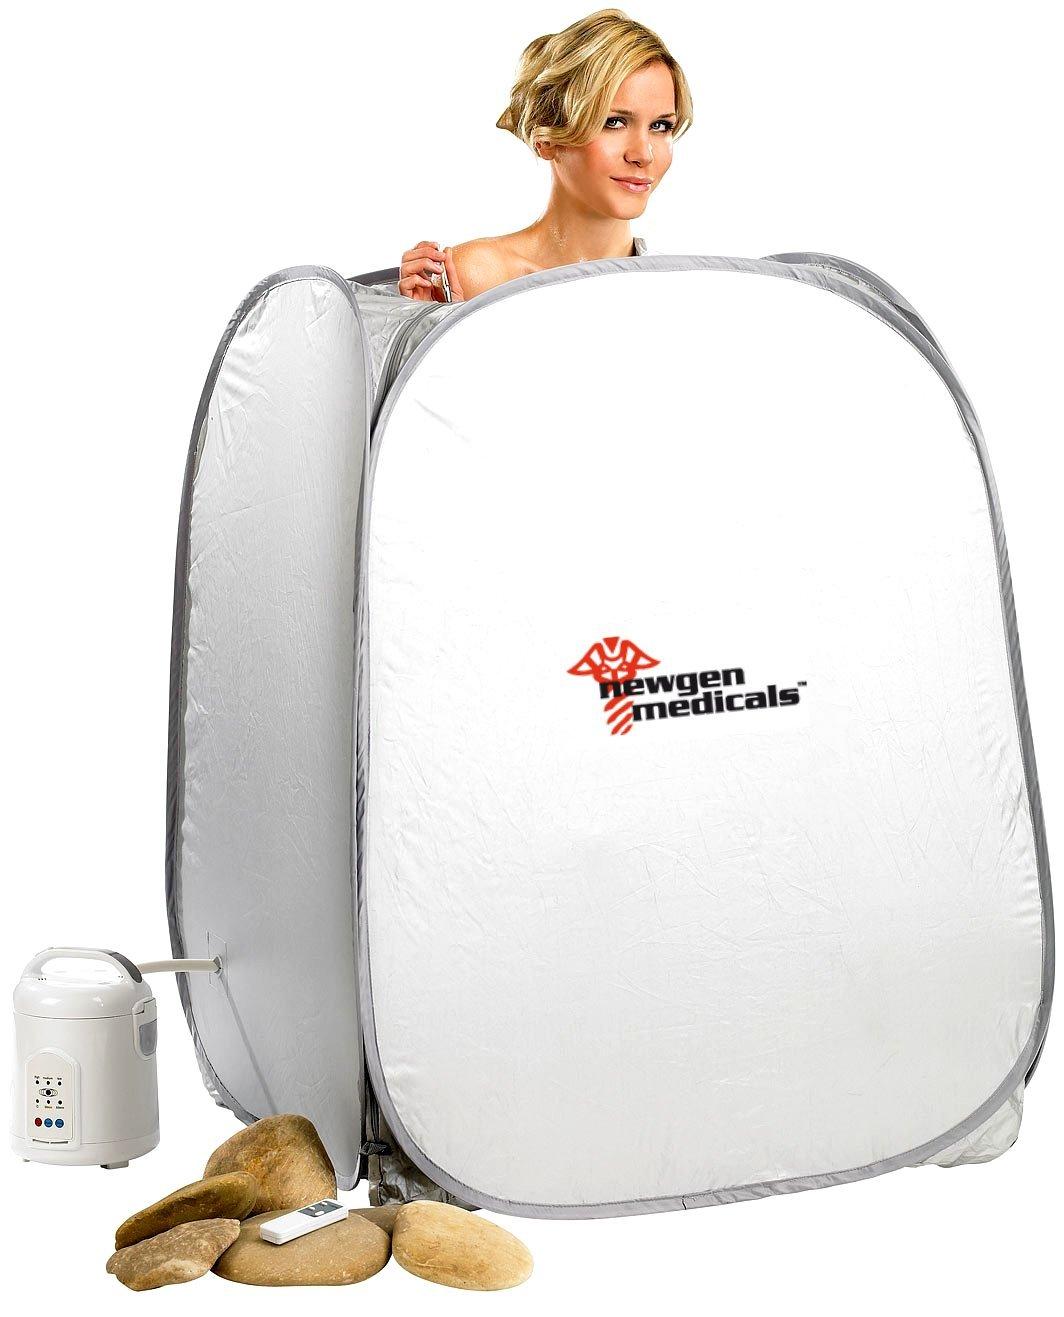 Cabina Home Sauna Original NewGen Medicals –  La Sauna a casa tua con mando a distancia portatil dimagrante Elimina Chili NC5122